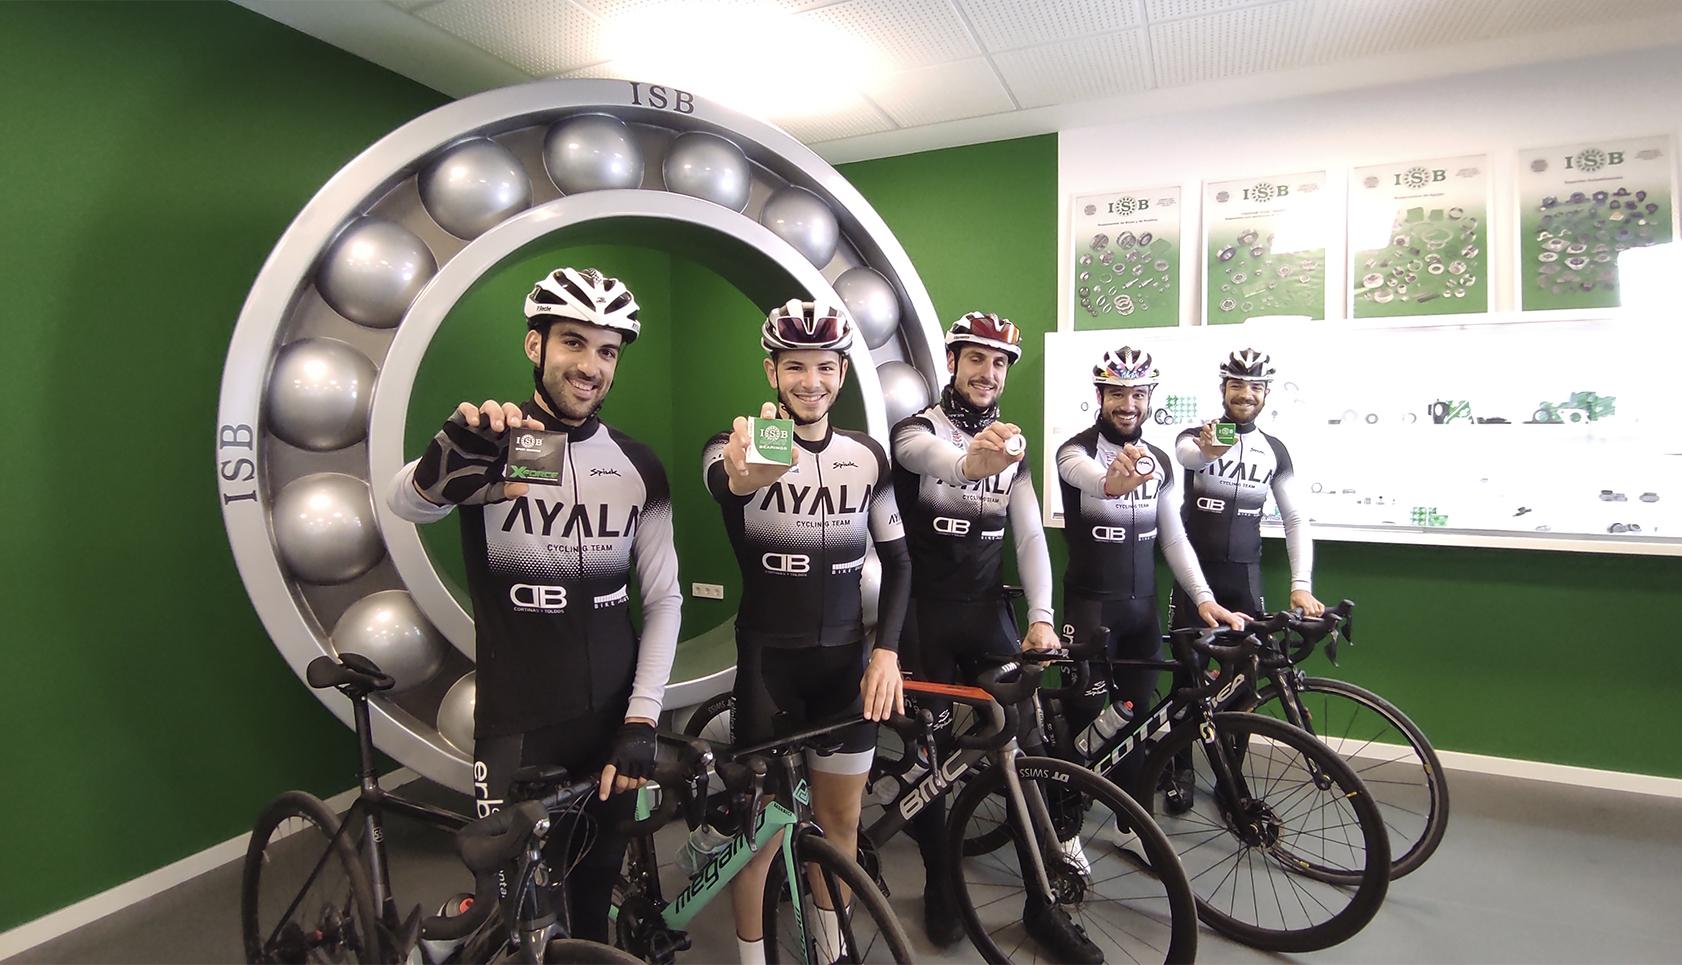 Club ciclista Ayala Cycling Team ISB Sport 2